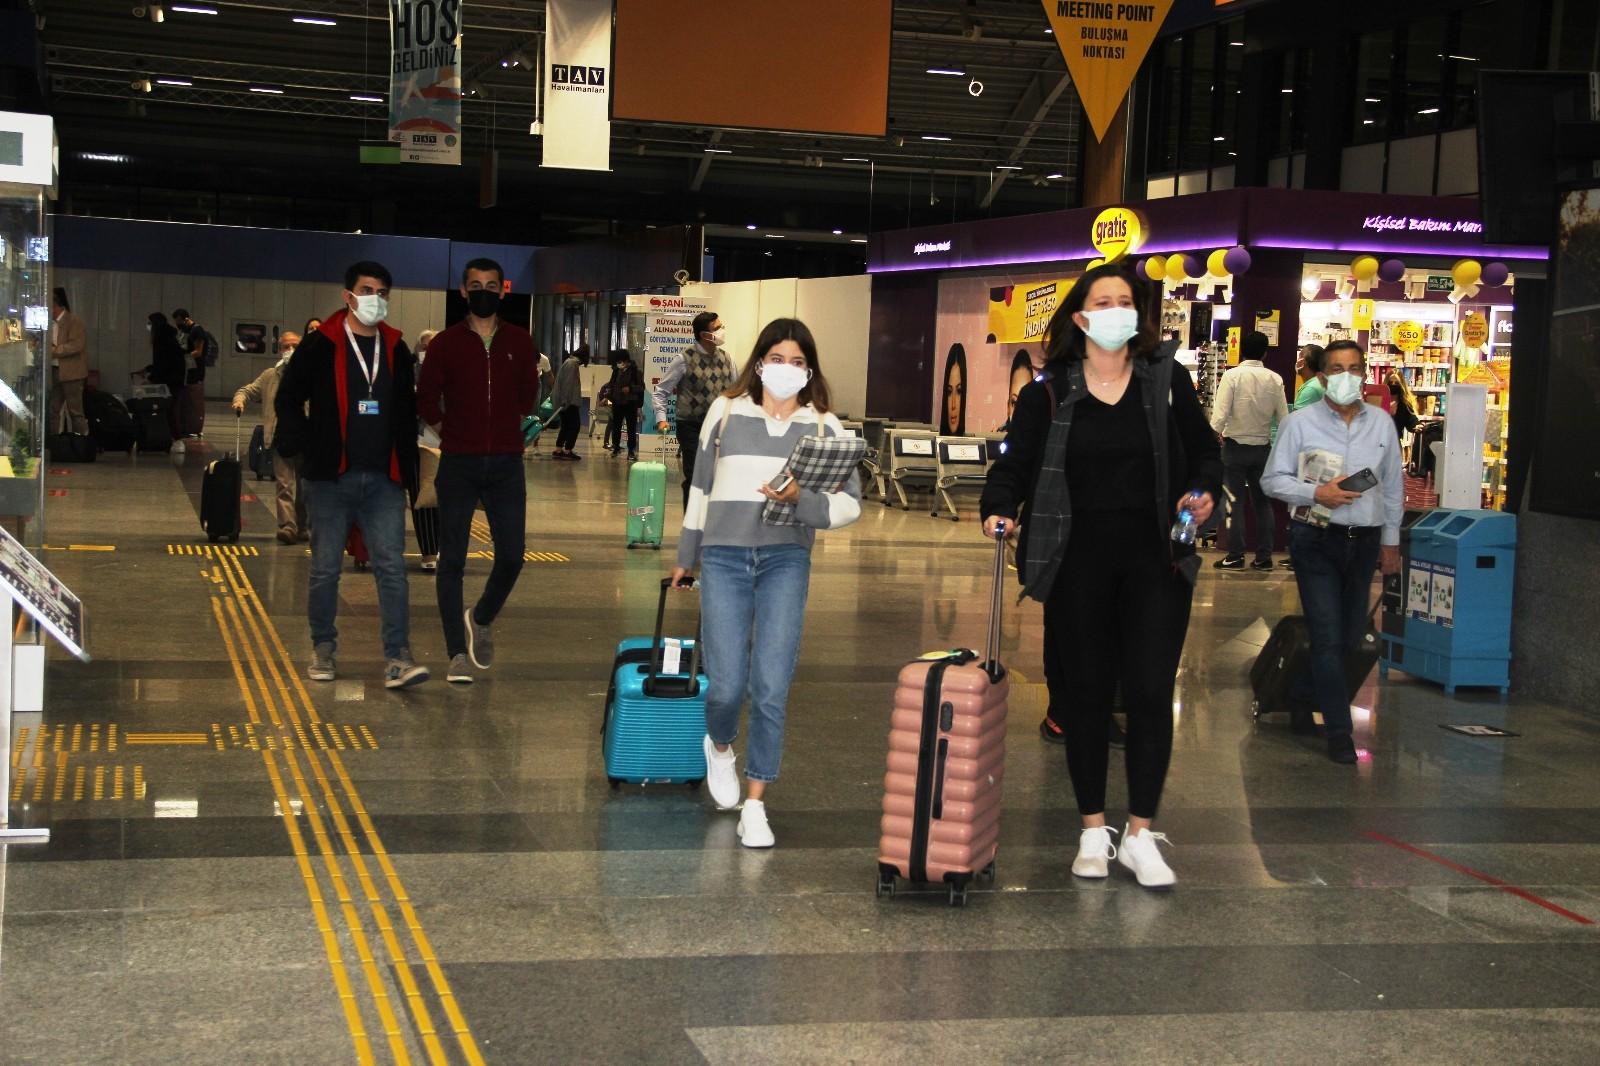 17 günlük kapanma kararından sonra Bodrum'a göç trafiği arttı